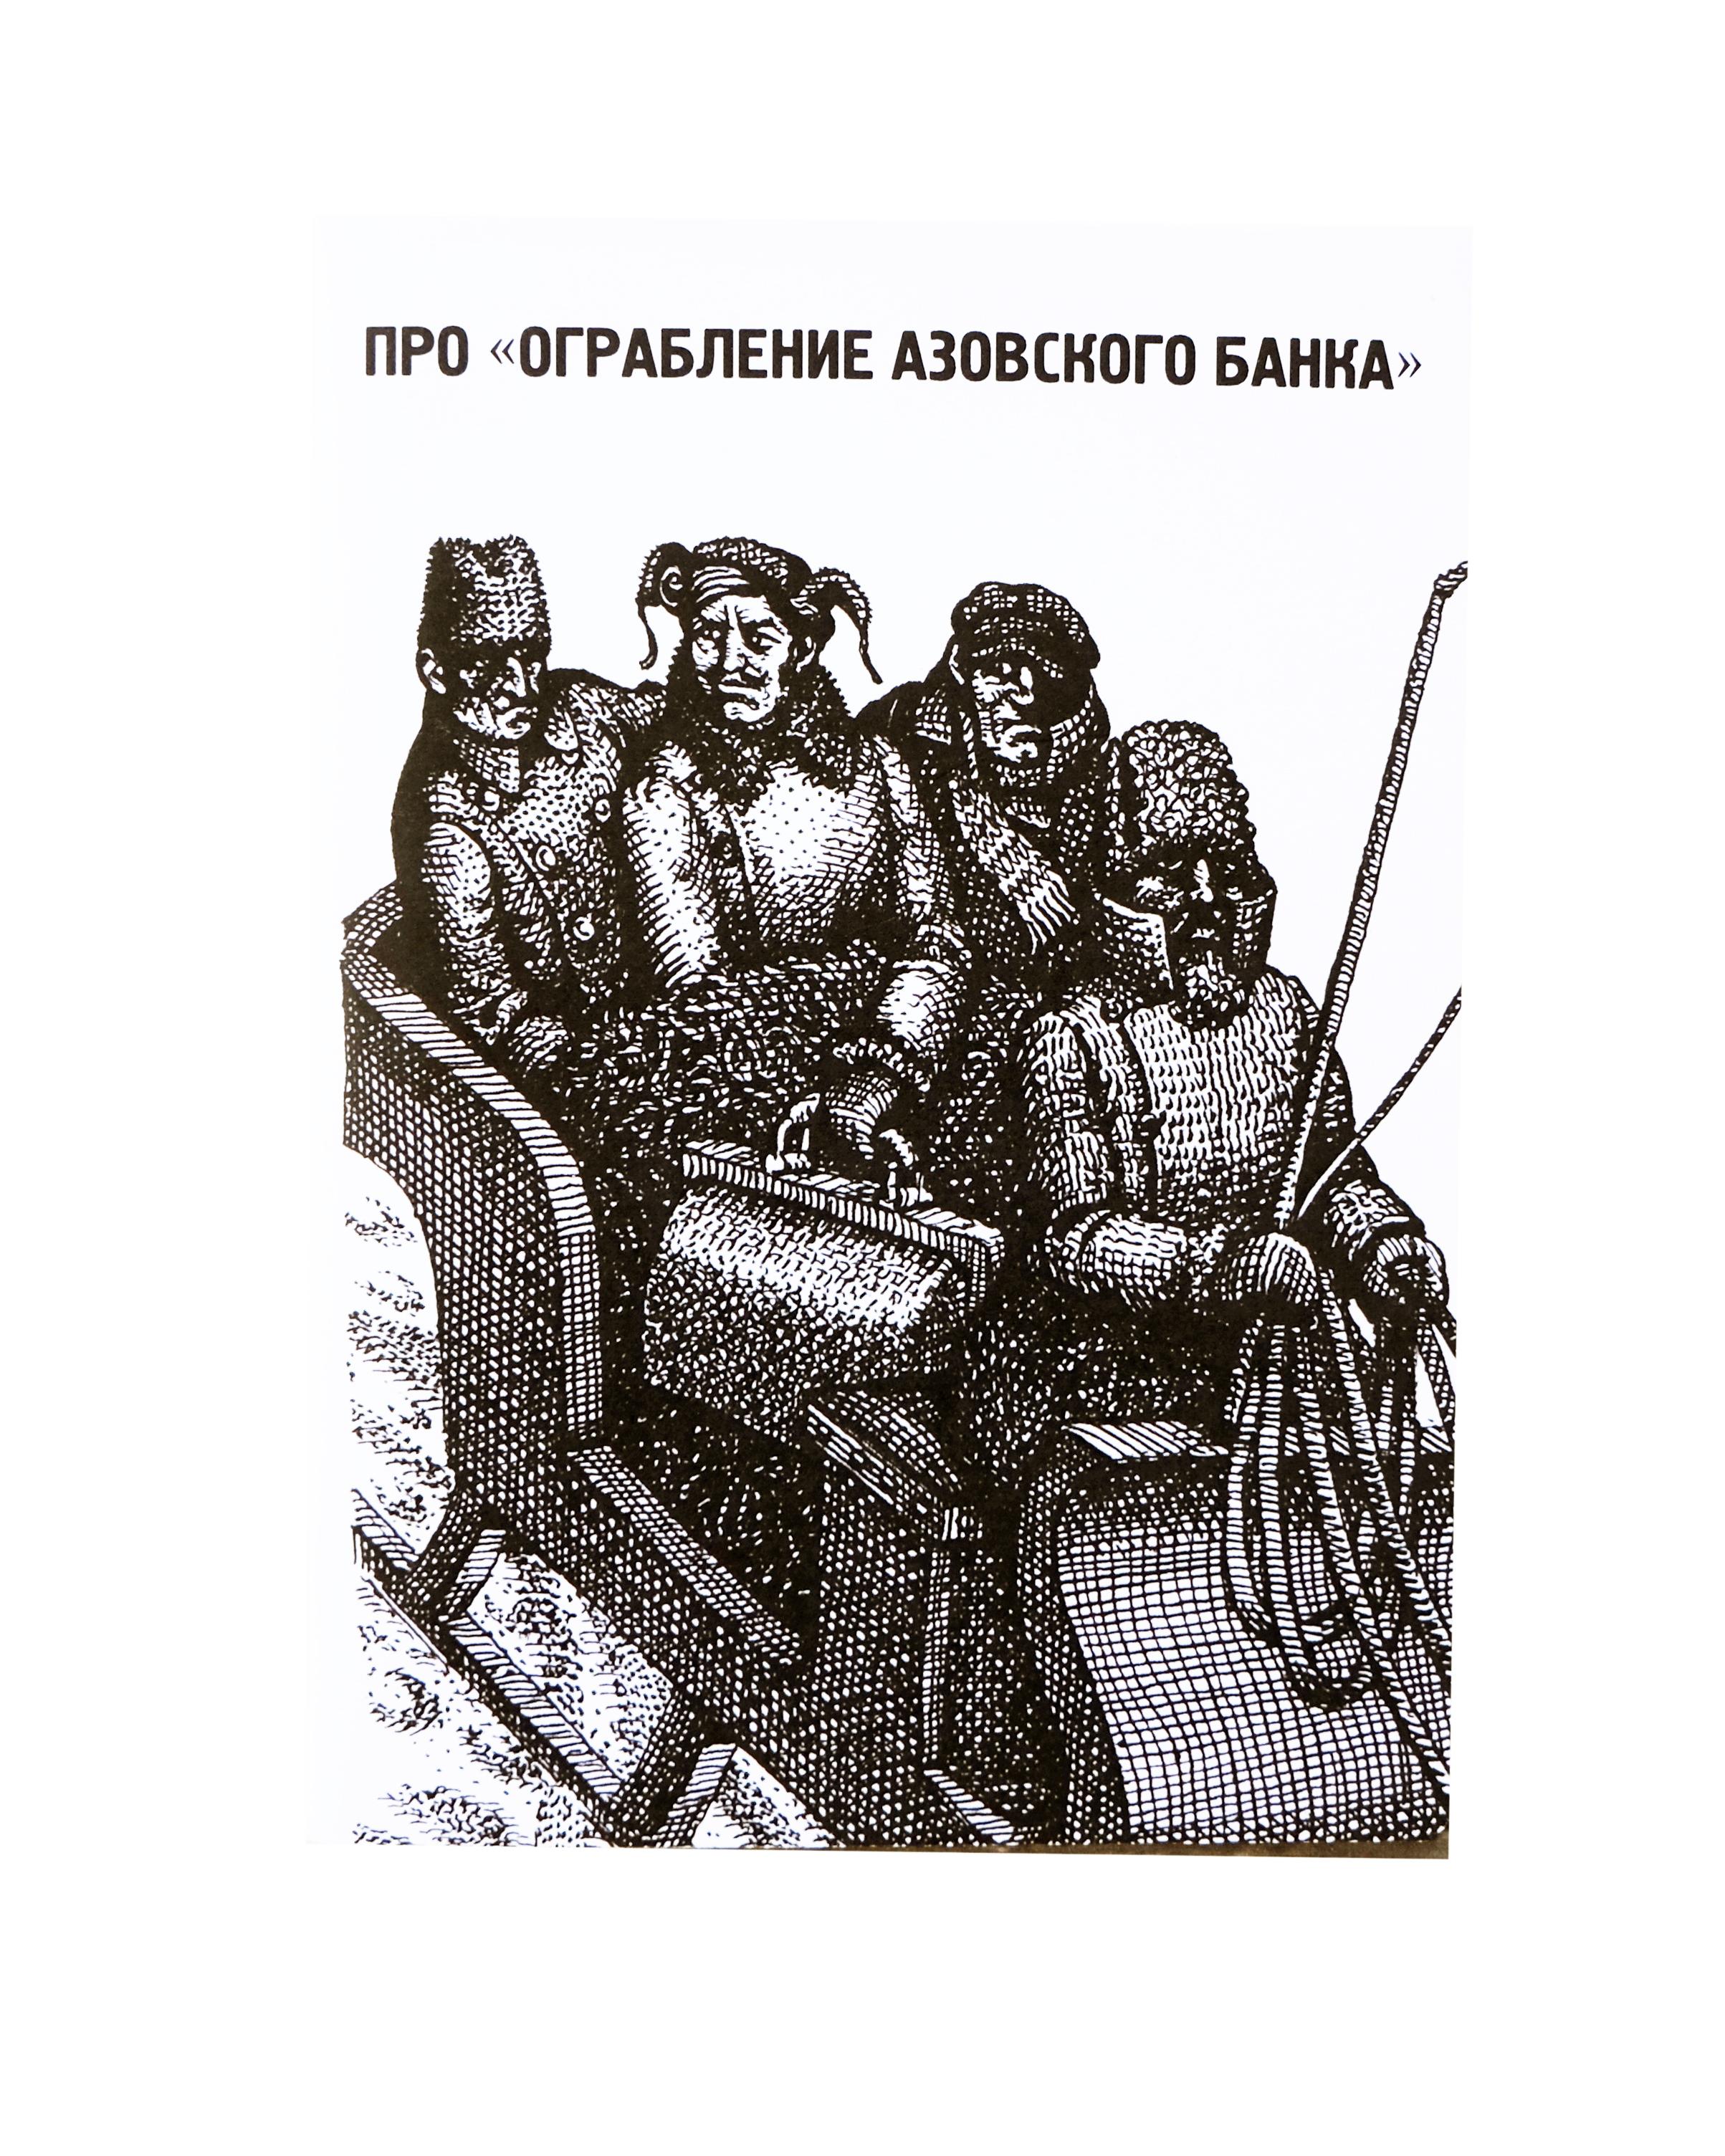 17503.JPG